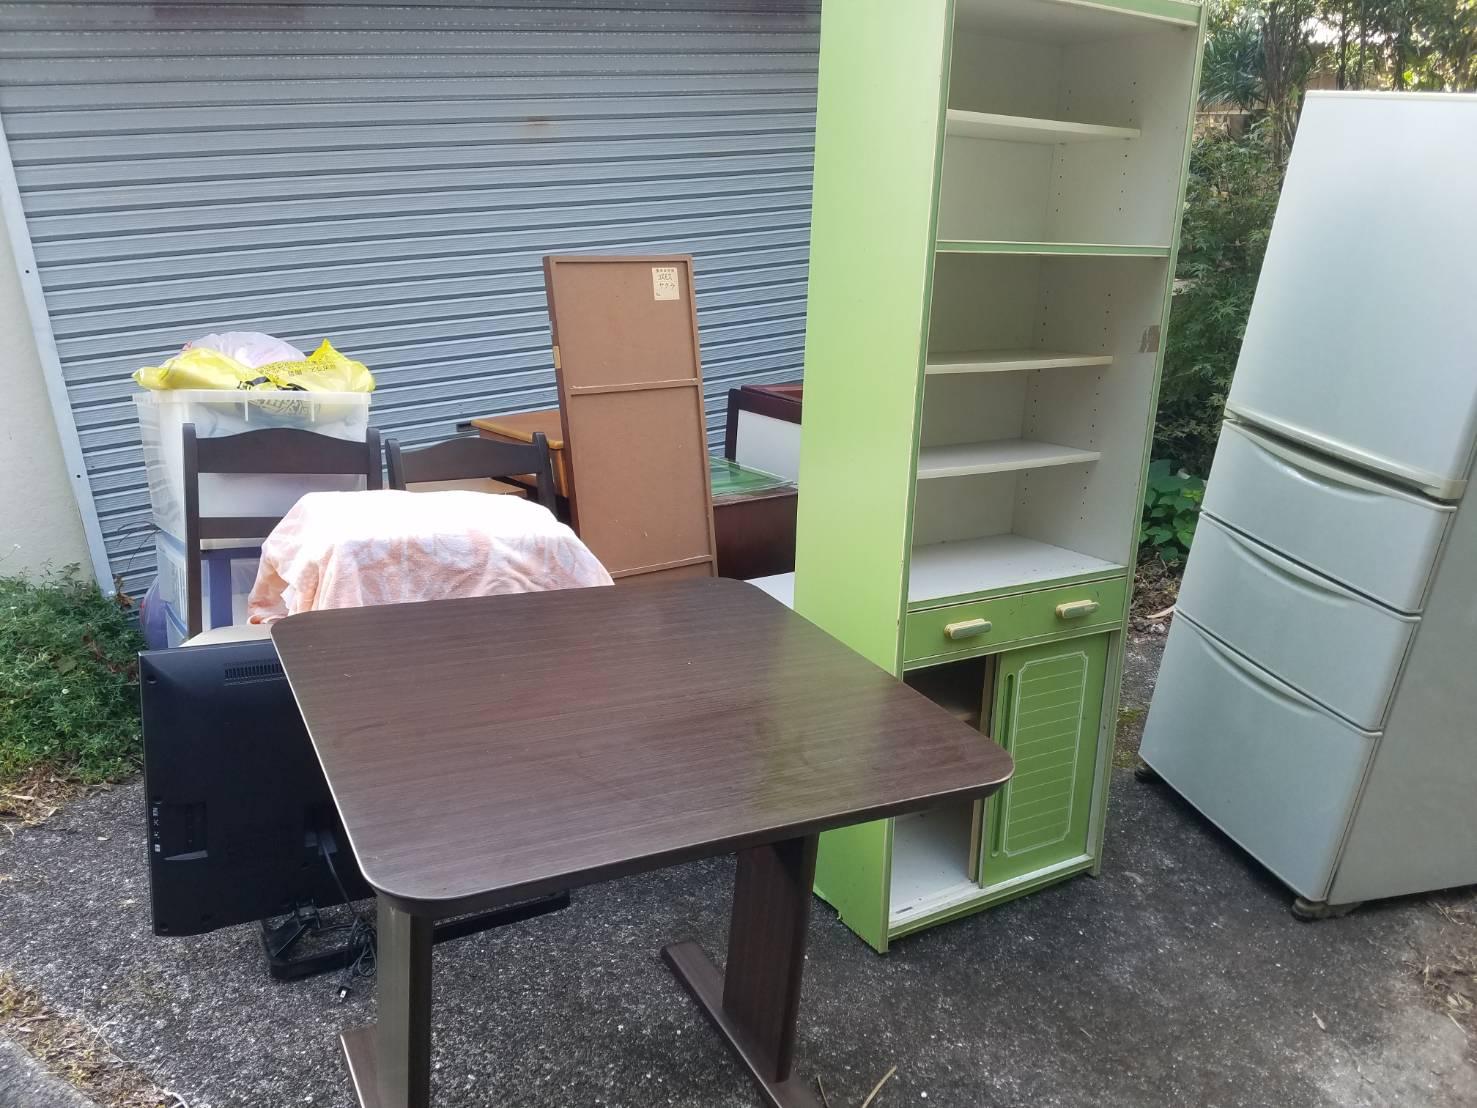 食器棚、冷蔵庫、テレビ、テーブル、椅子の回収前